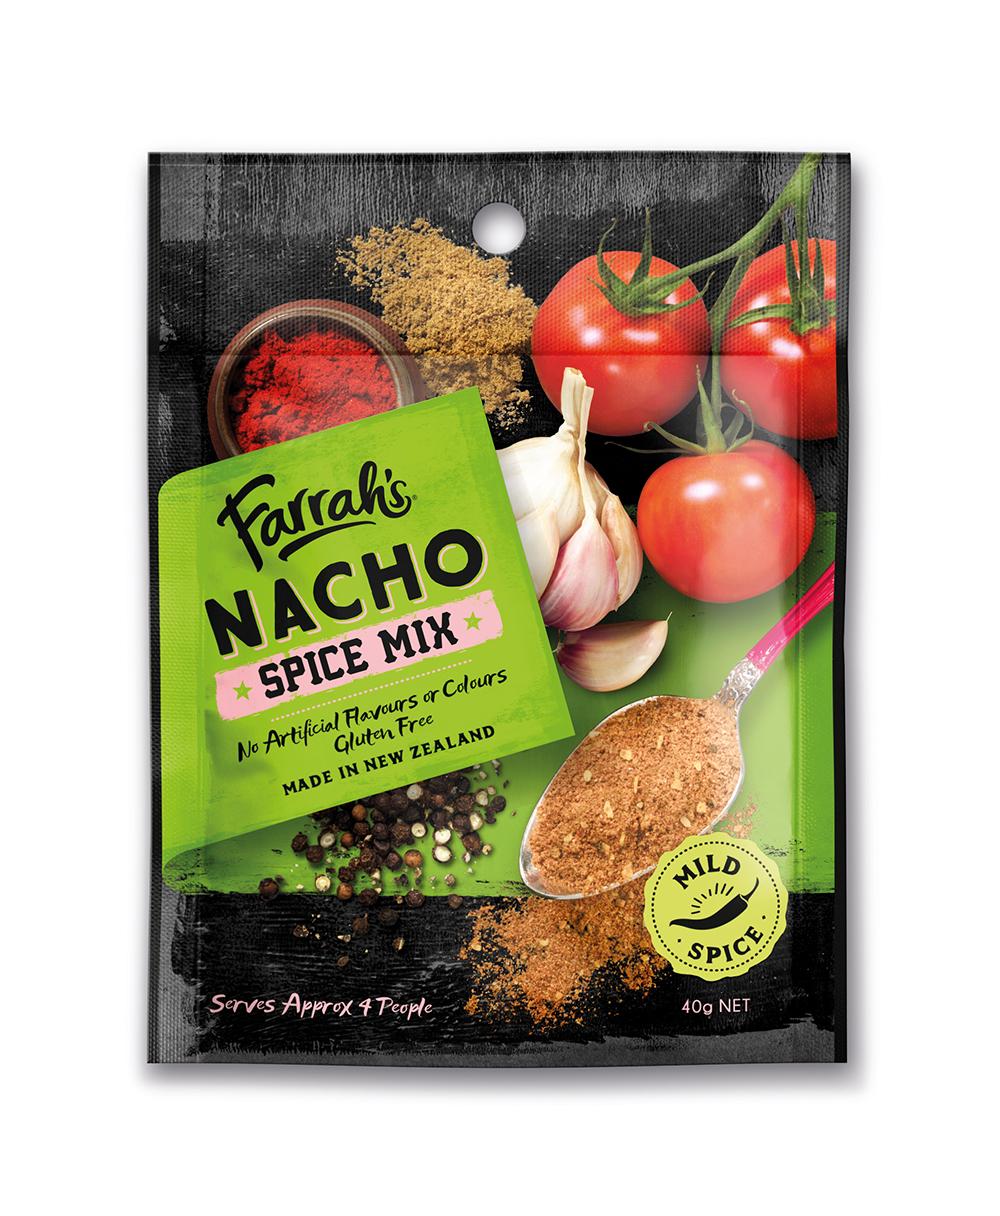 nacho spice mix